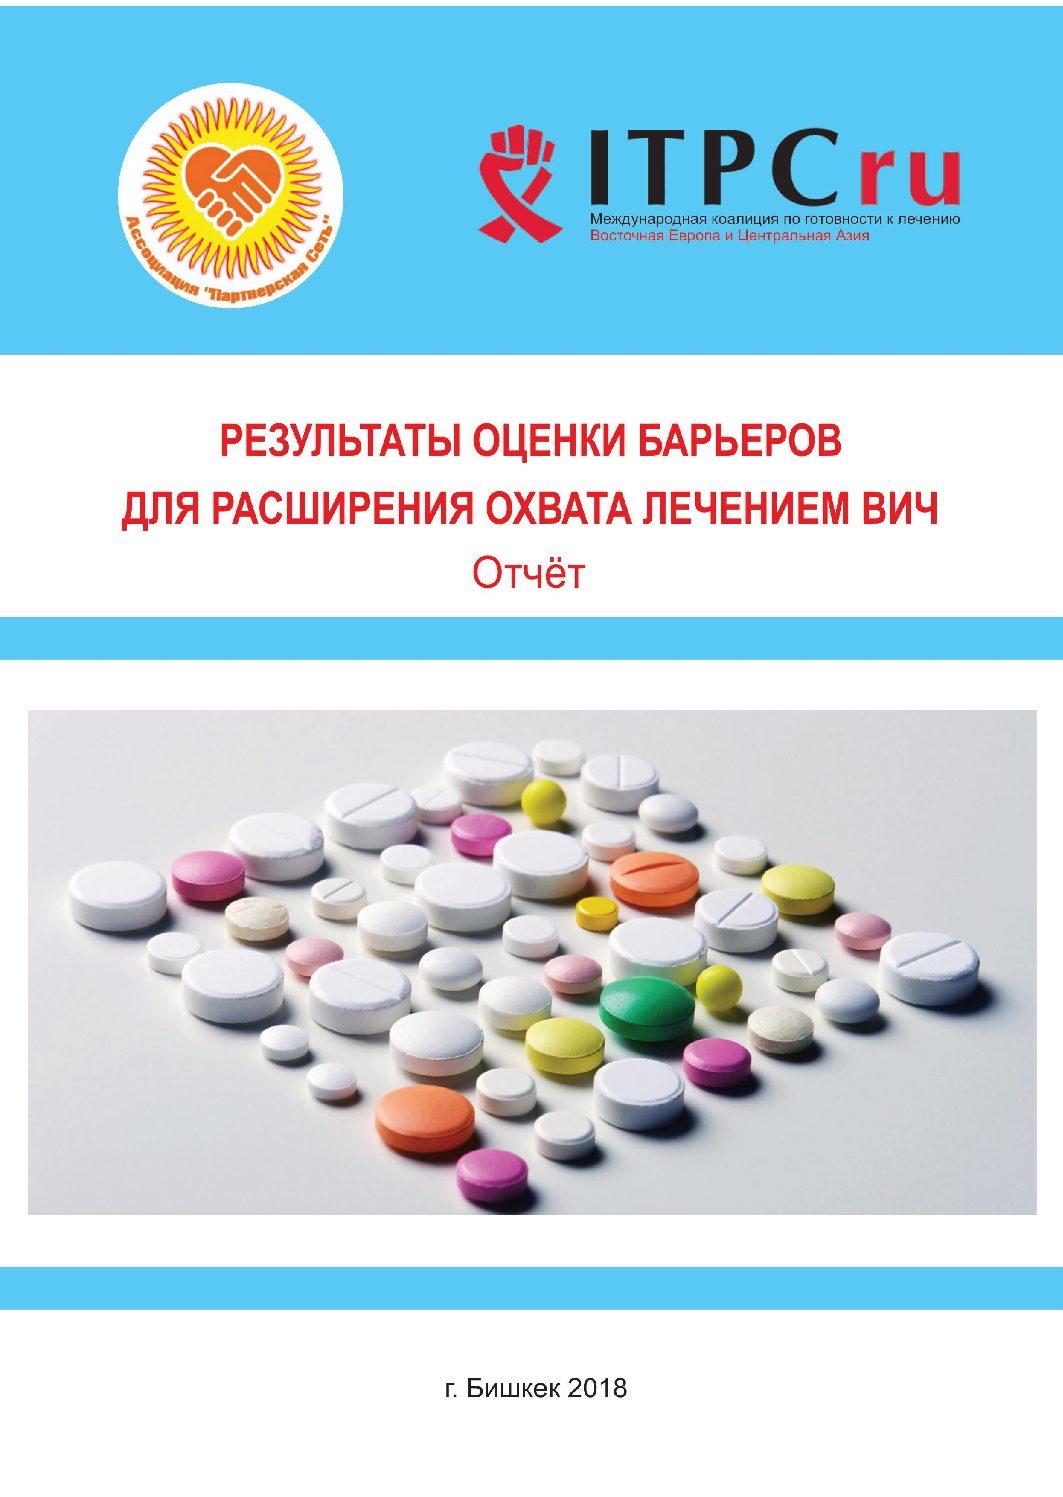 Oценка барьеров для расширения охвата лечением ВИЧ в Кыргызстане